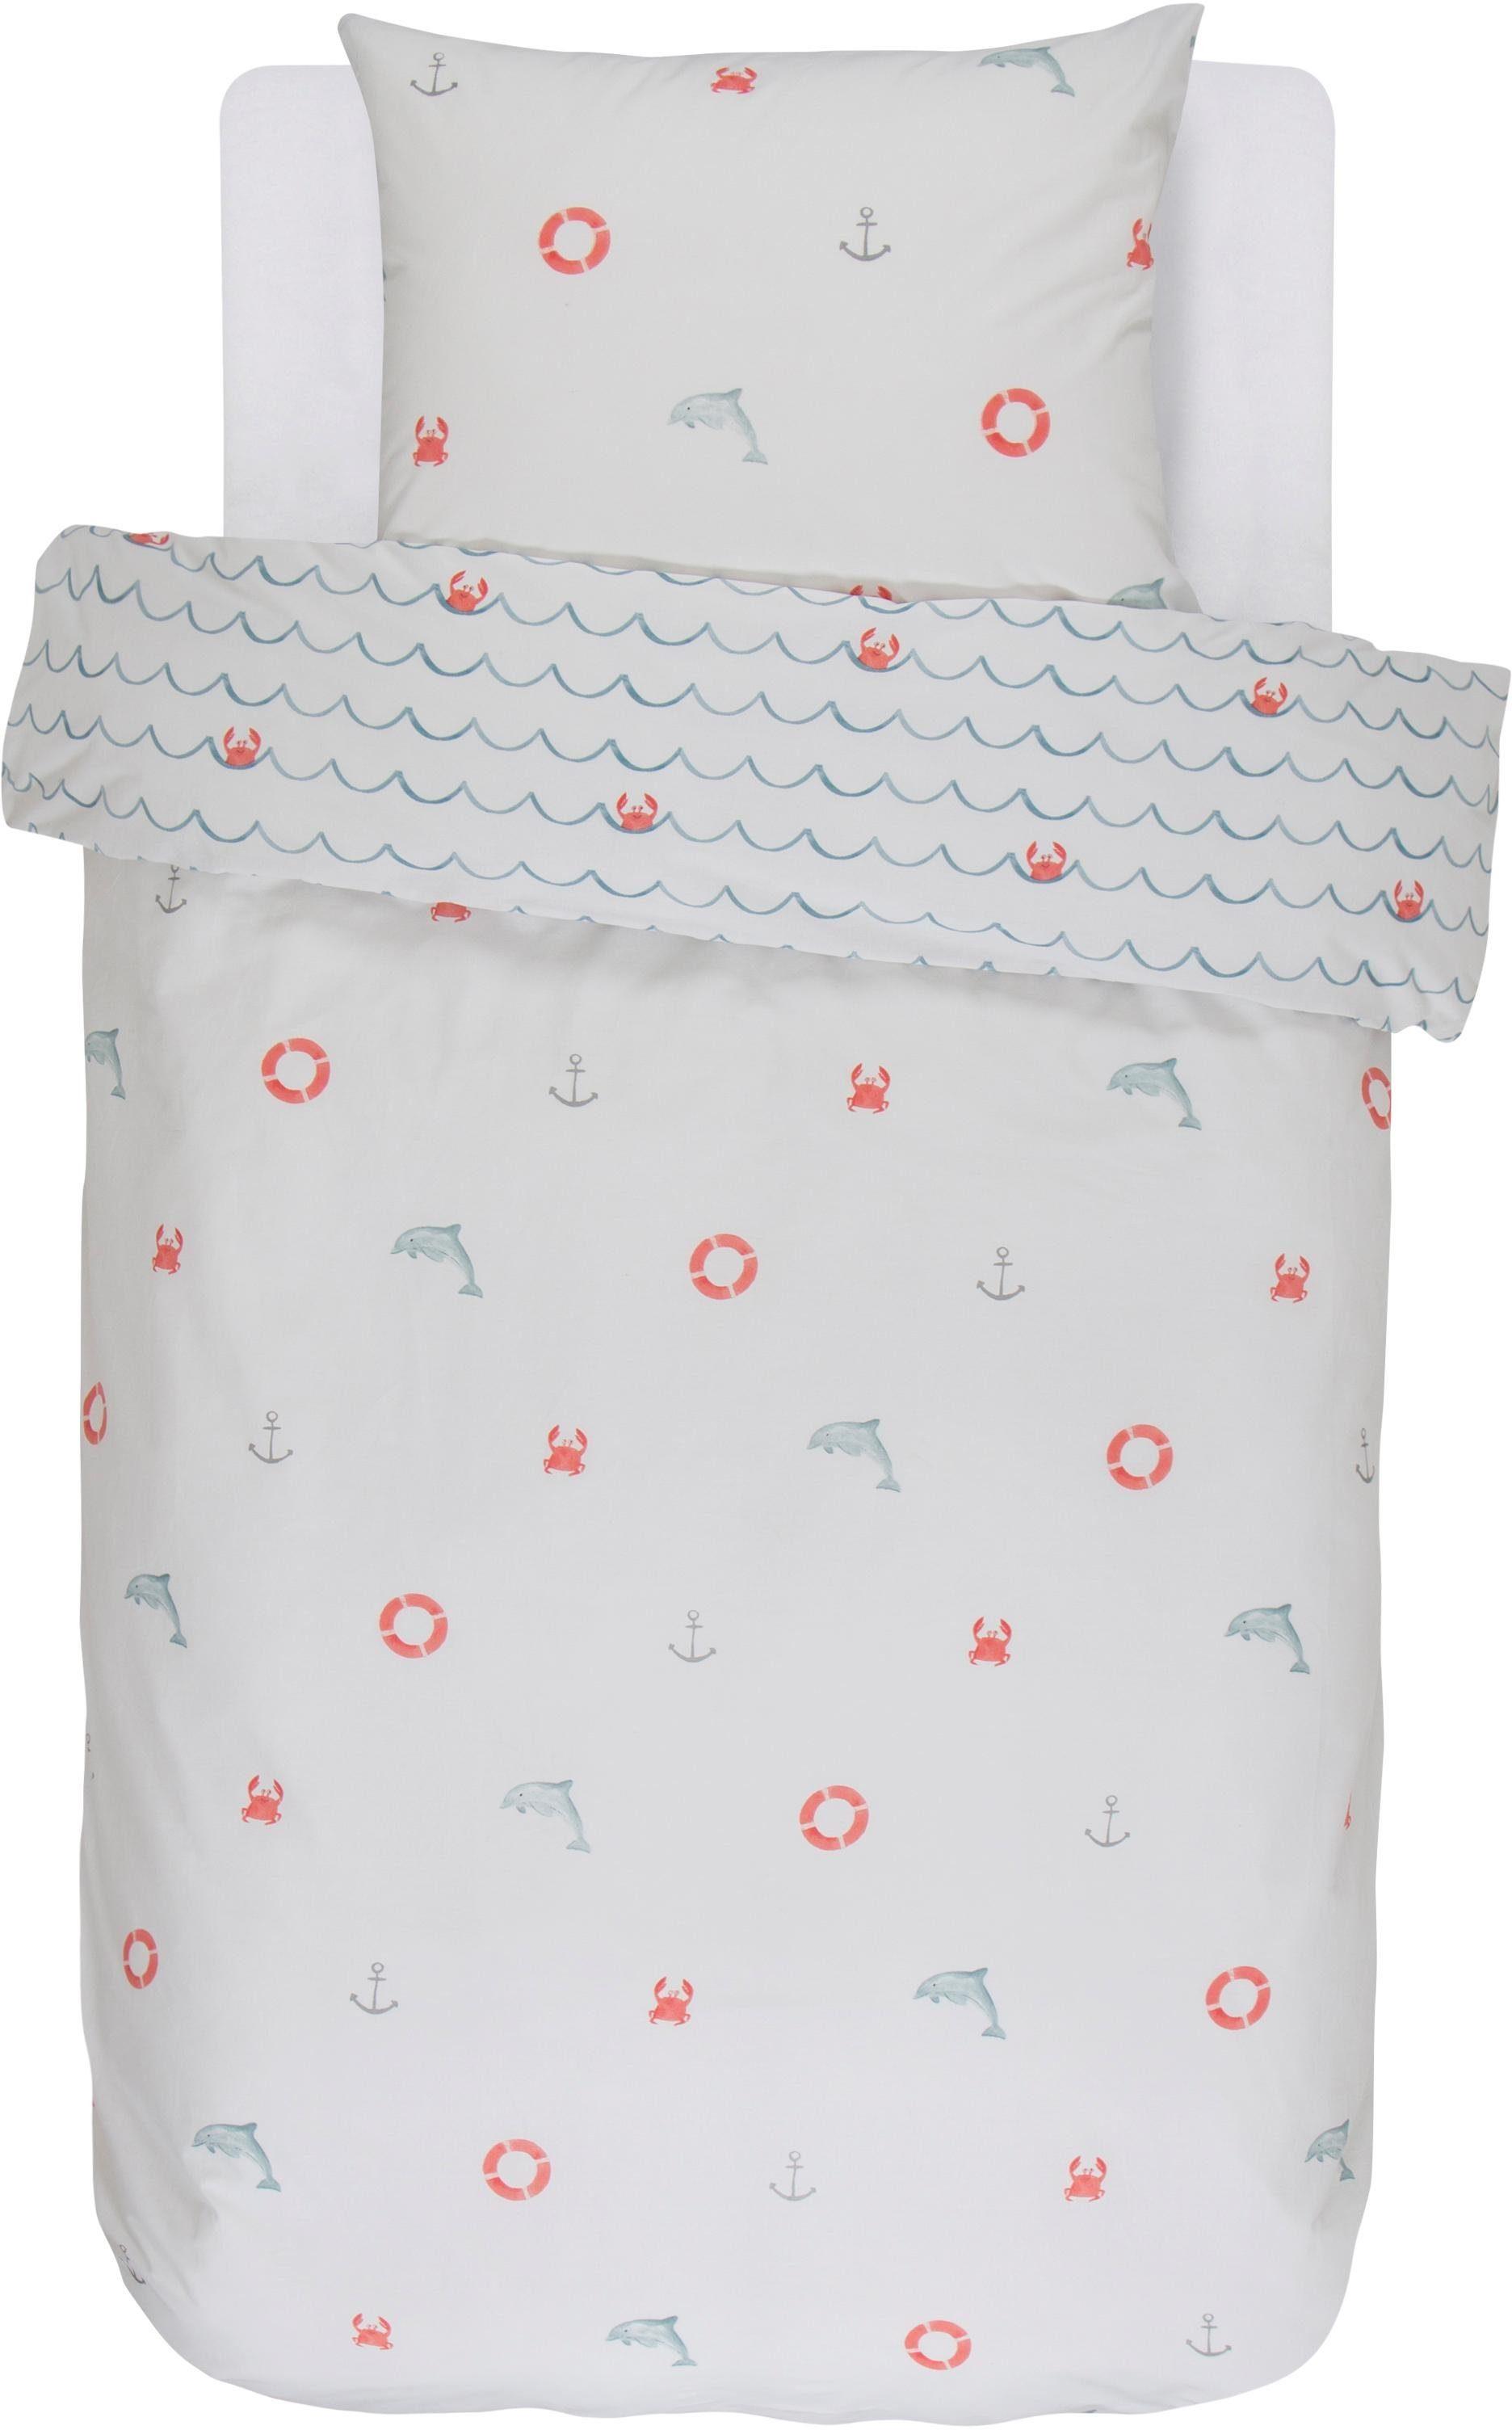 Kinderbettwäsche »Krabi«, Covers & Co, mit martimen Gegenständen